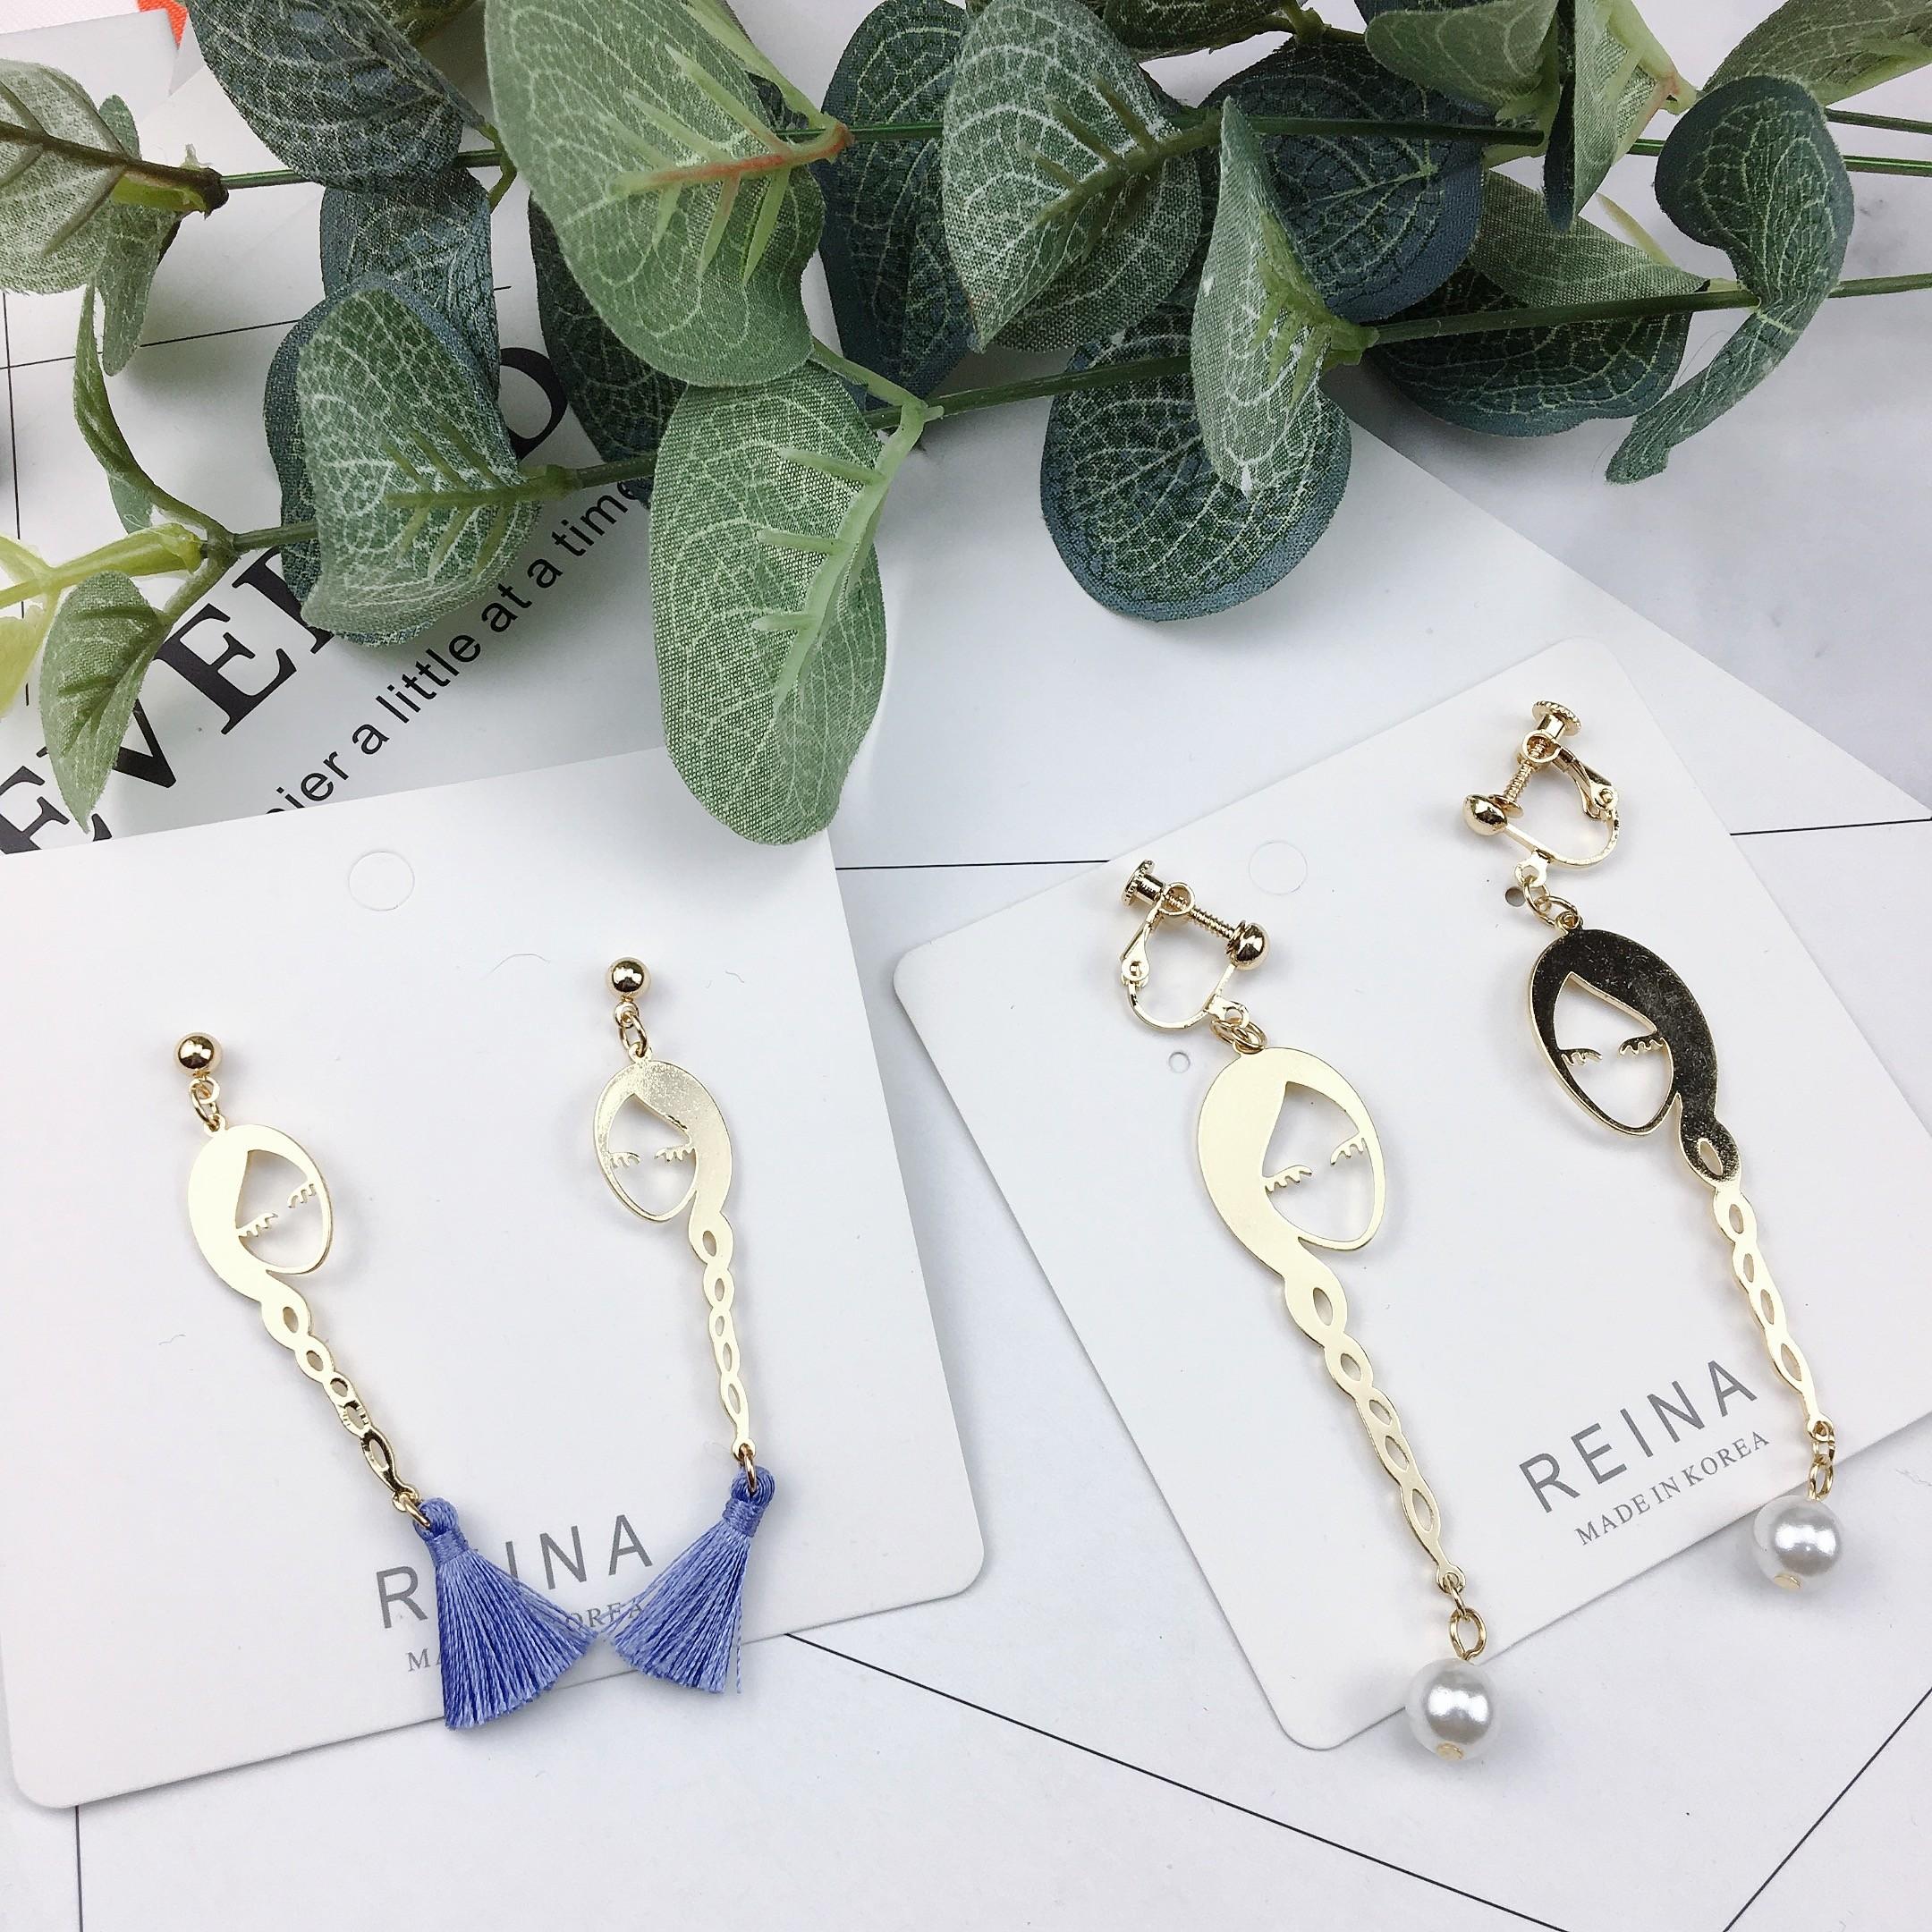 韓國可愛長辮子女孩金屬設計創意特色白色珍珠流蘇耳環